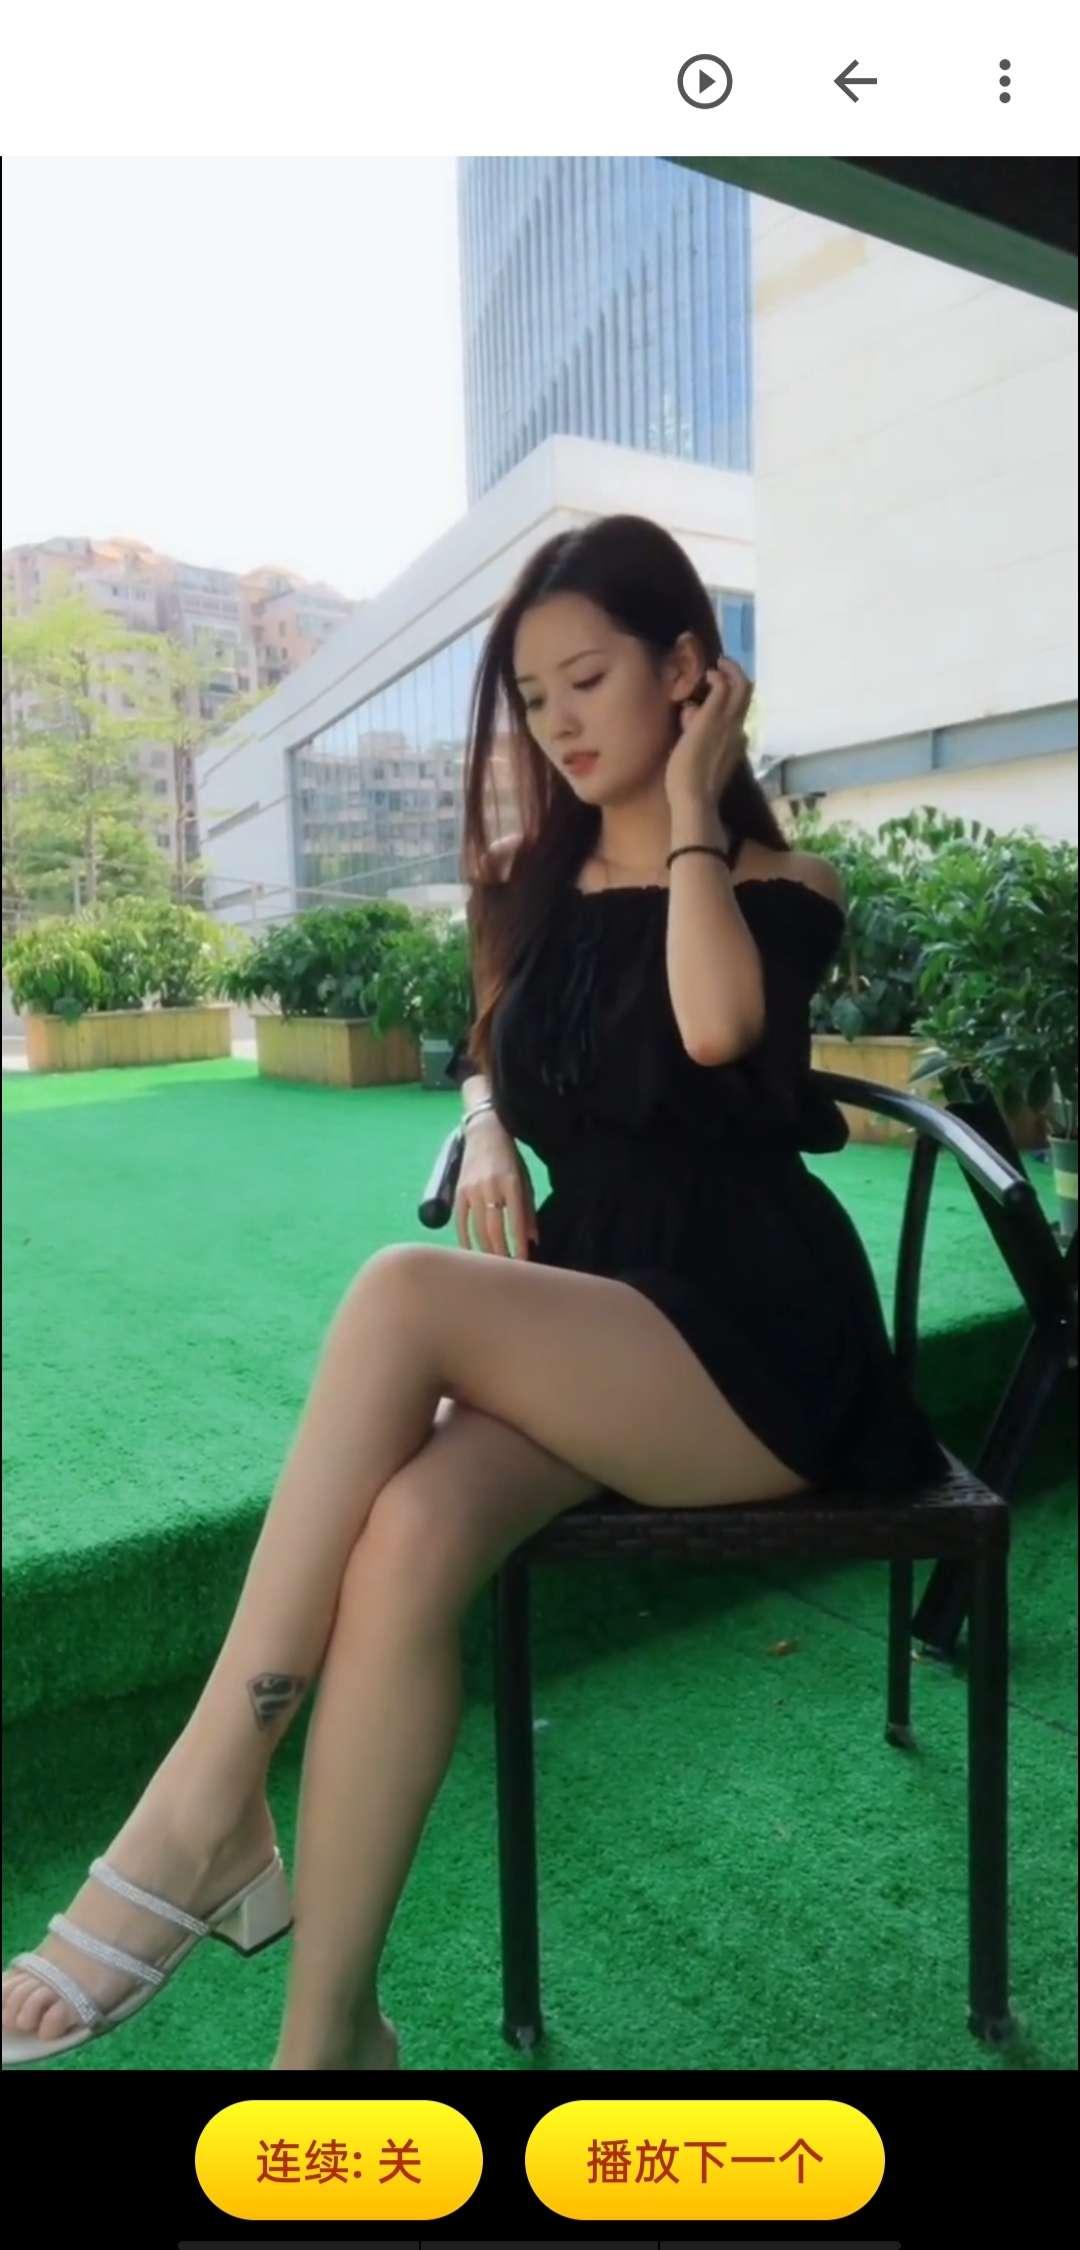 高甜v7.3.7 小姐姐短视频 秀舞 秀颜值 欣赏养眼